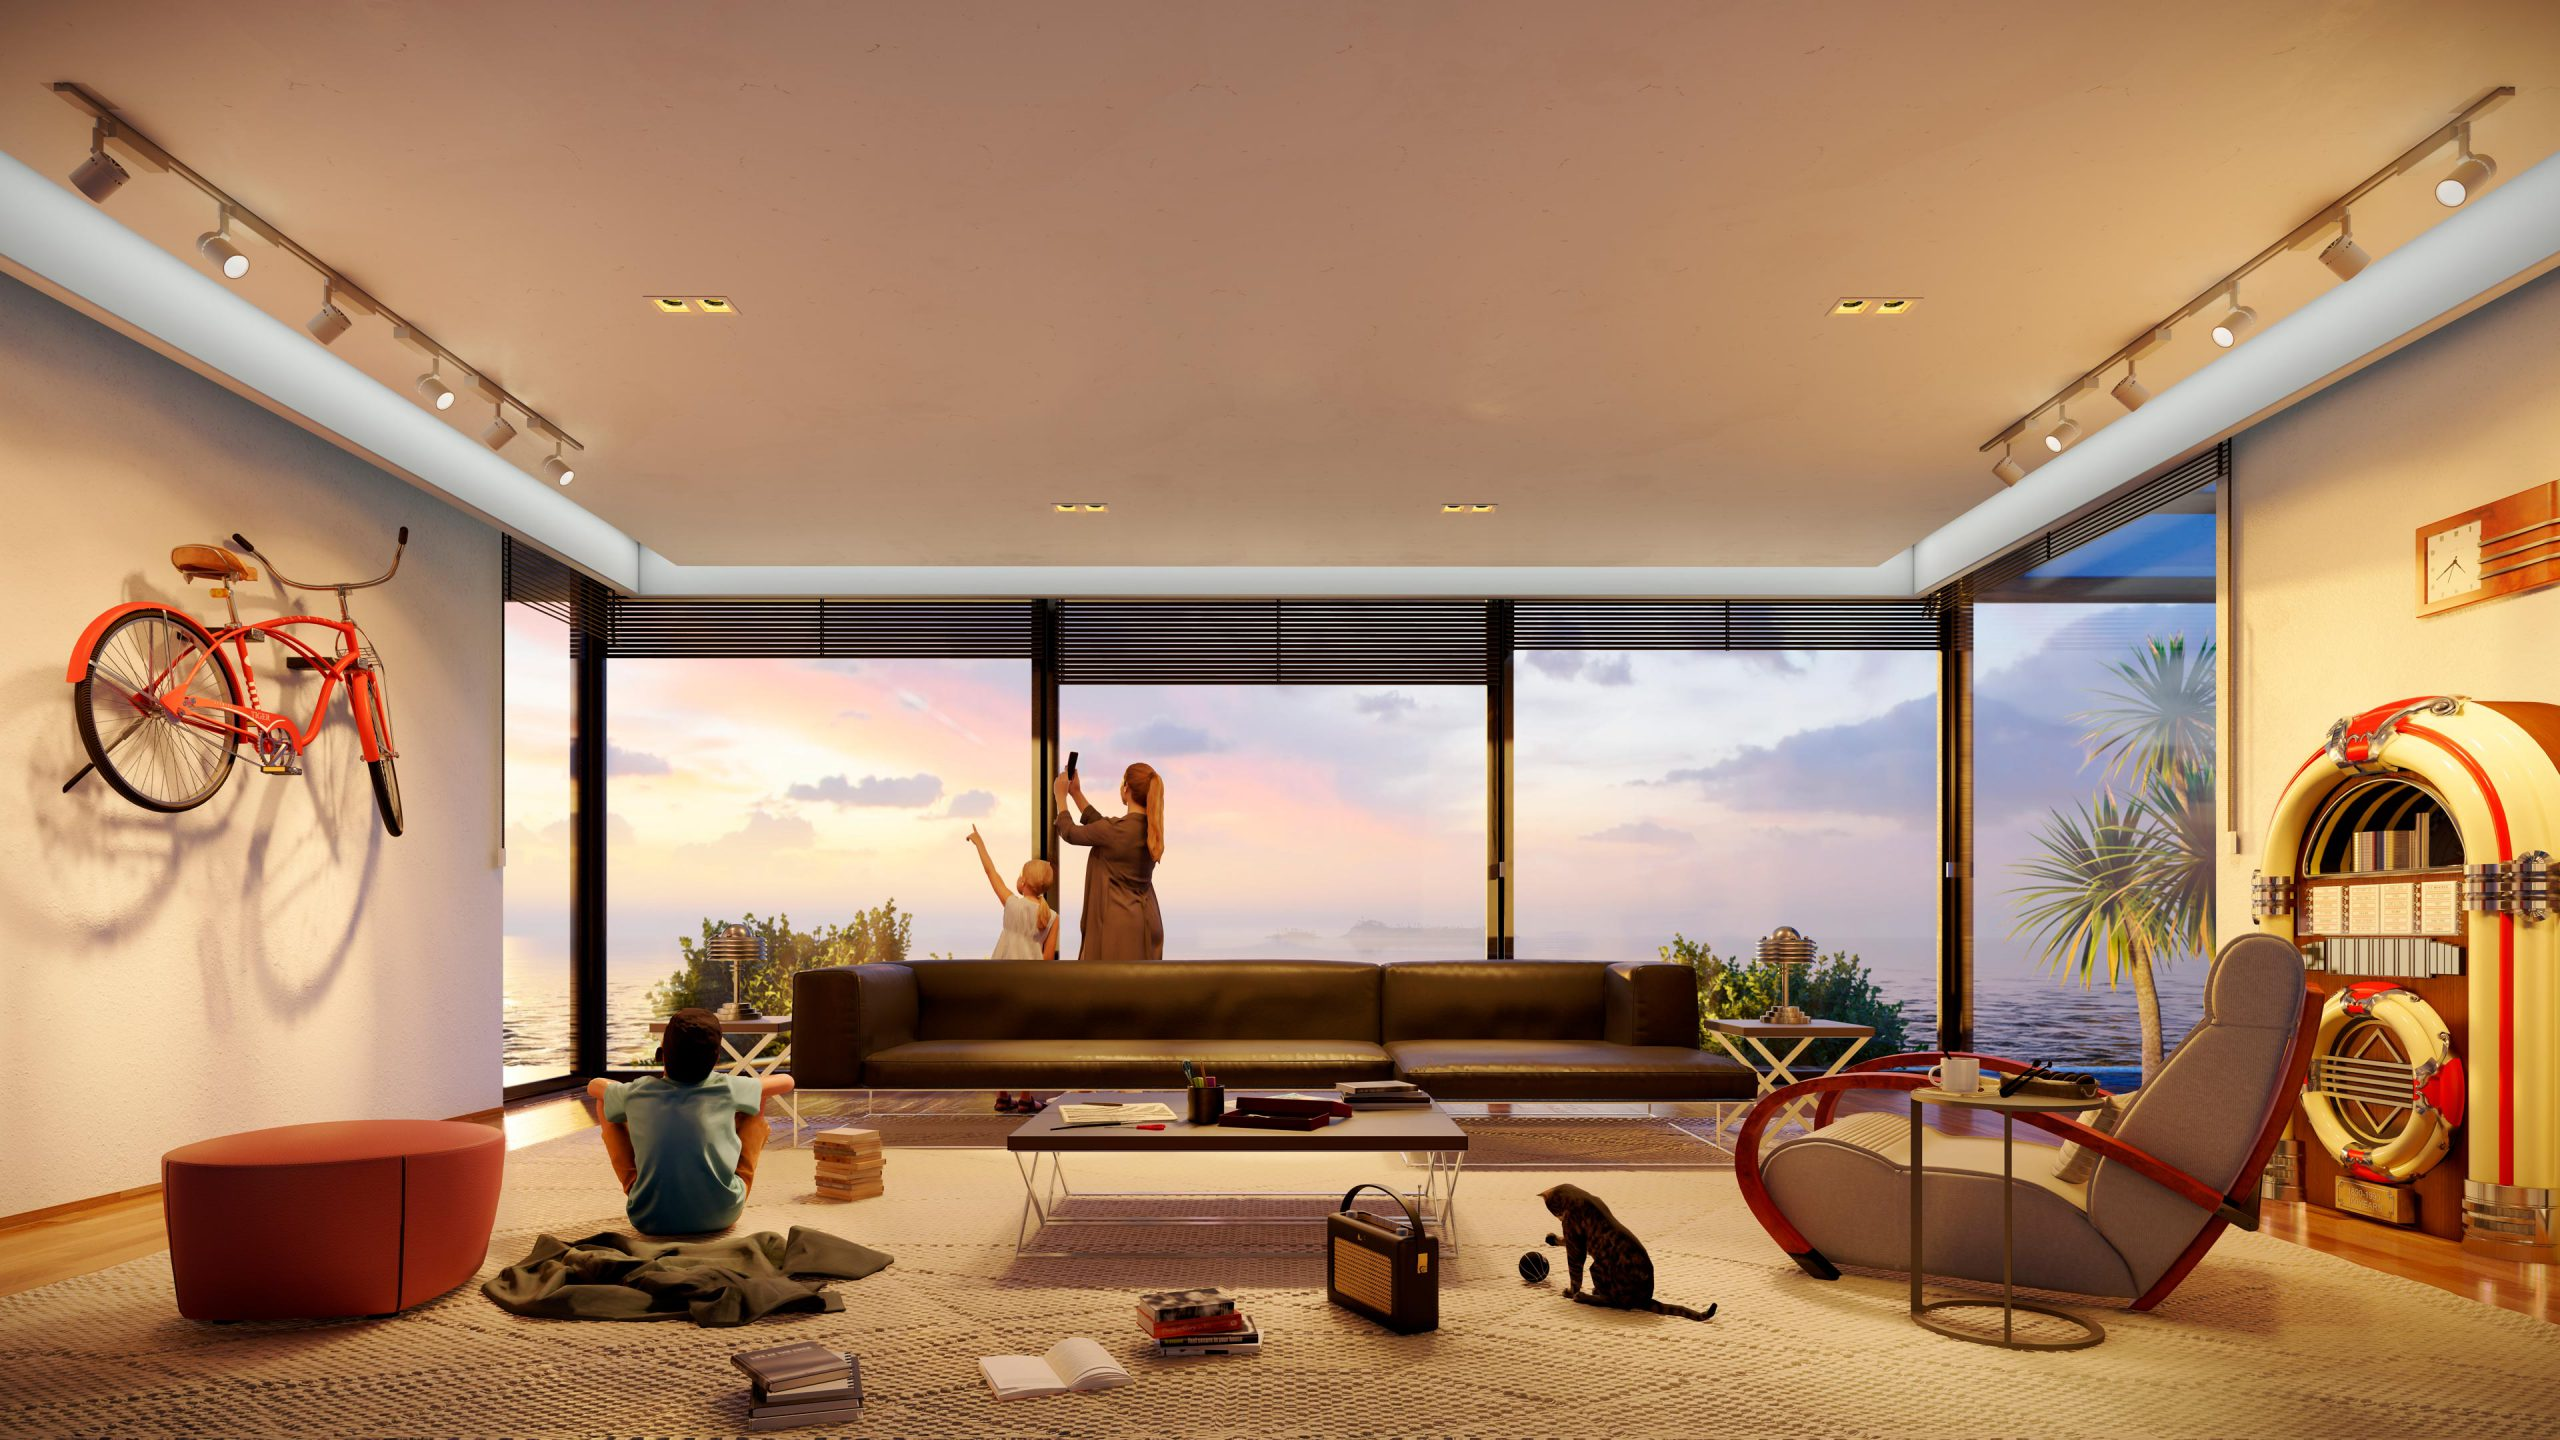 Soggiorno al tramonto. Interno della casa residenziale che mostra i nuovi oggetti e i nuovi personaggi in Lumion 11.5